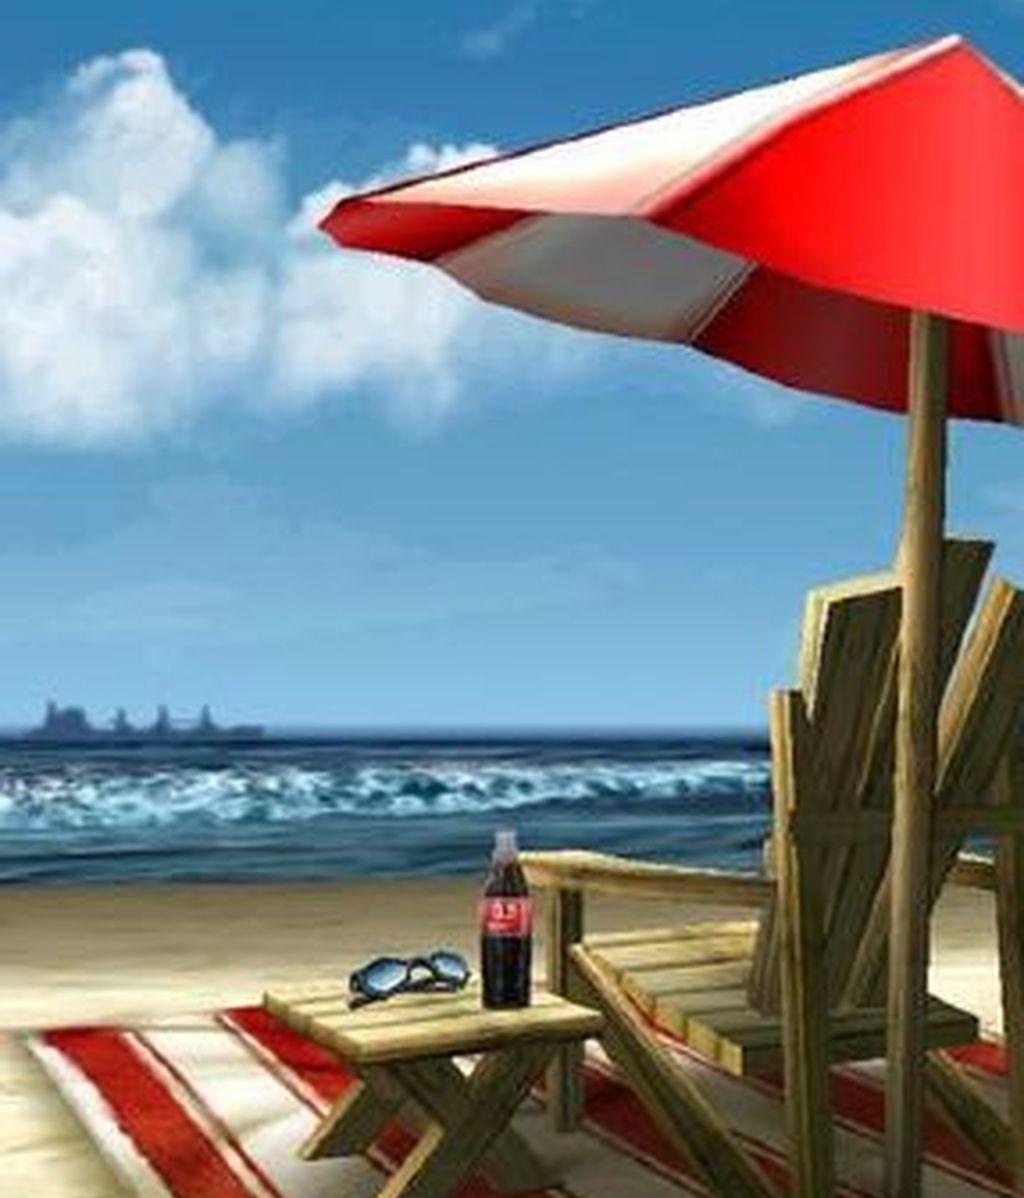 Estas vacaciones los españoles se han llevado sus teléfonos móviles y 'smartphones' a sus destinos vacacionales (34,5 % y 32,1%, respectivamente), ordenador portátil (21 %) y 'tablets' (12,4 %).